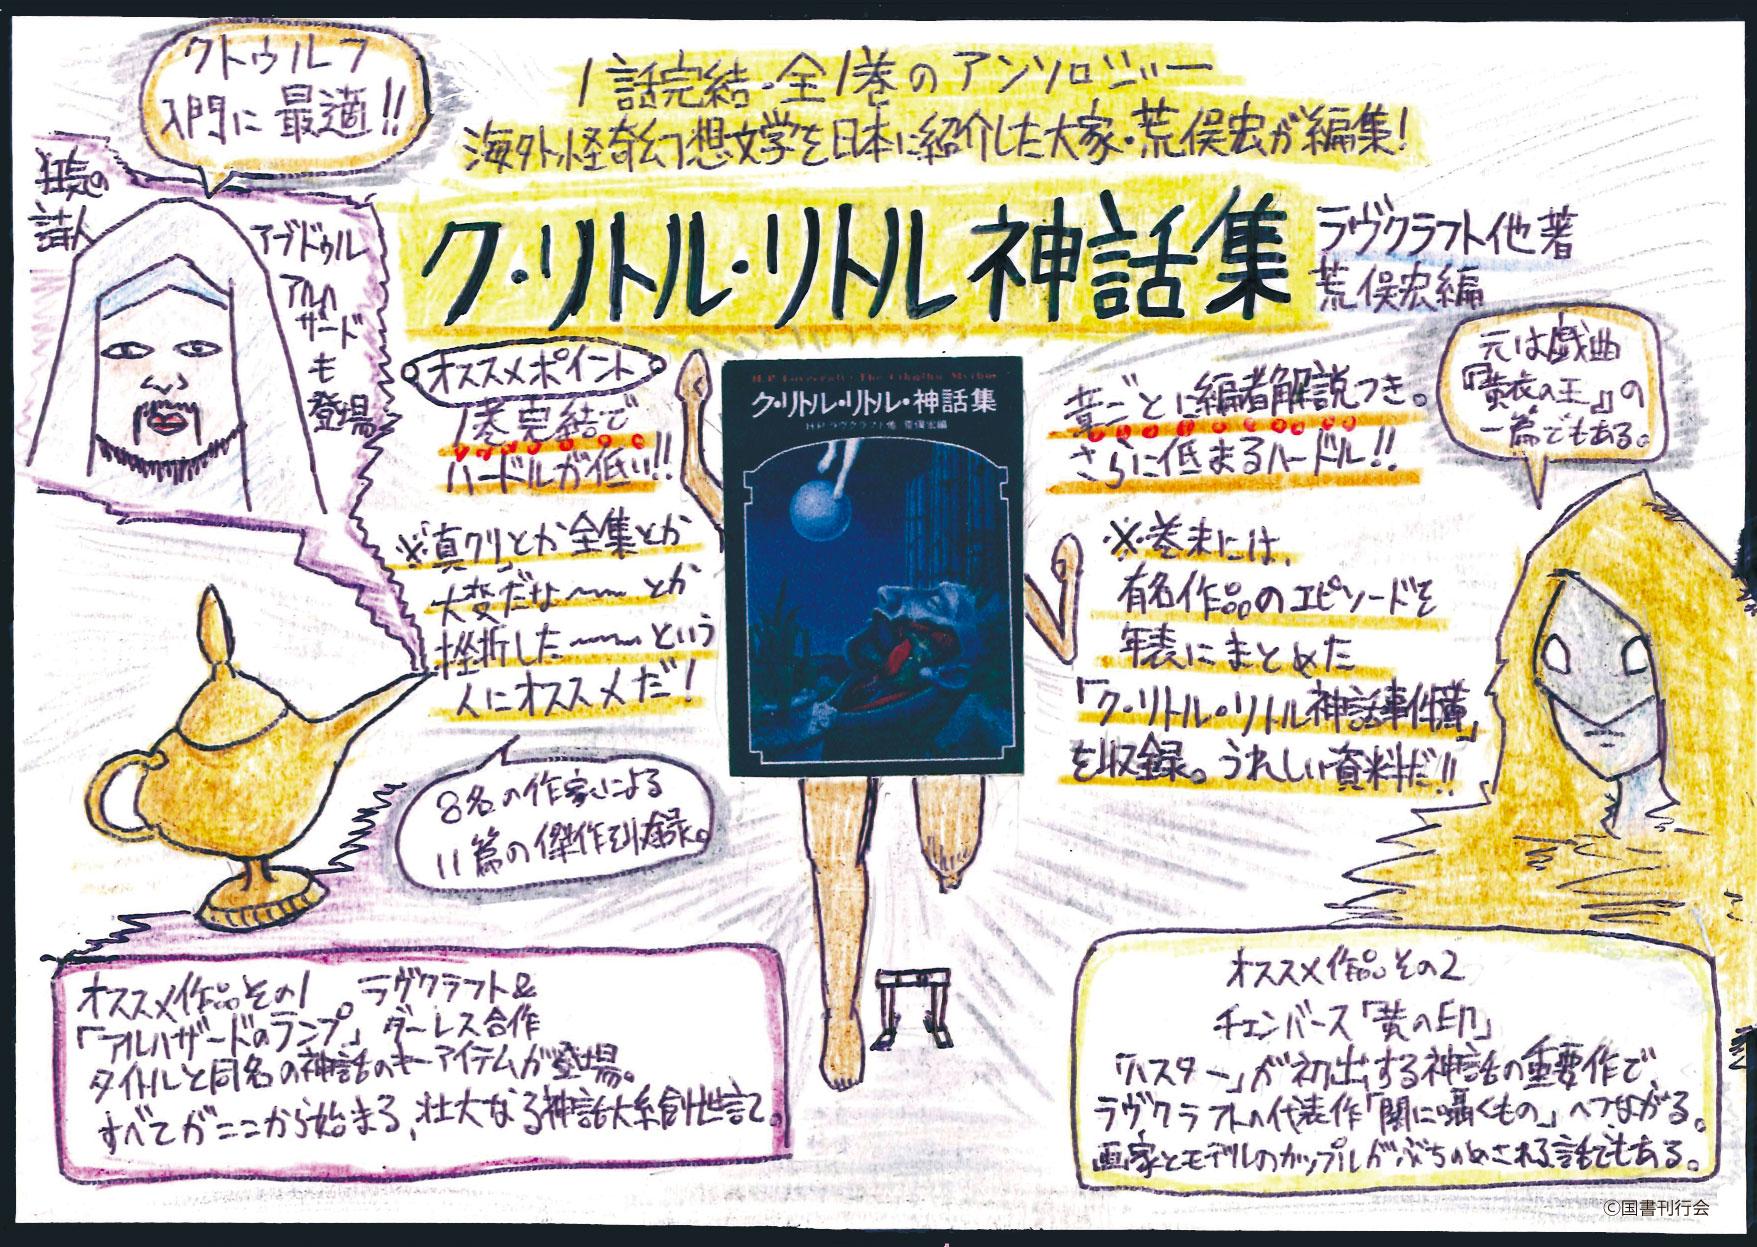 http://www.kokusho.co.jp/special/%E3%82%AF%E3%83%88%E3%82%A5%E3%83%AB%E3%83%954.jpg